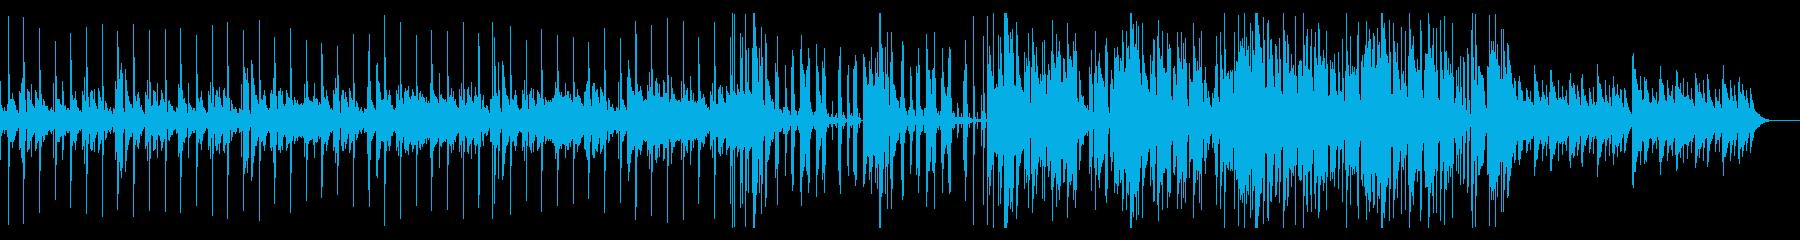 雄大な雰囲気の力強い曲の再生済みの波形